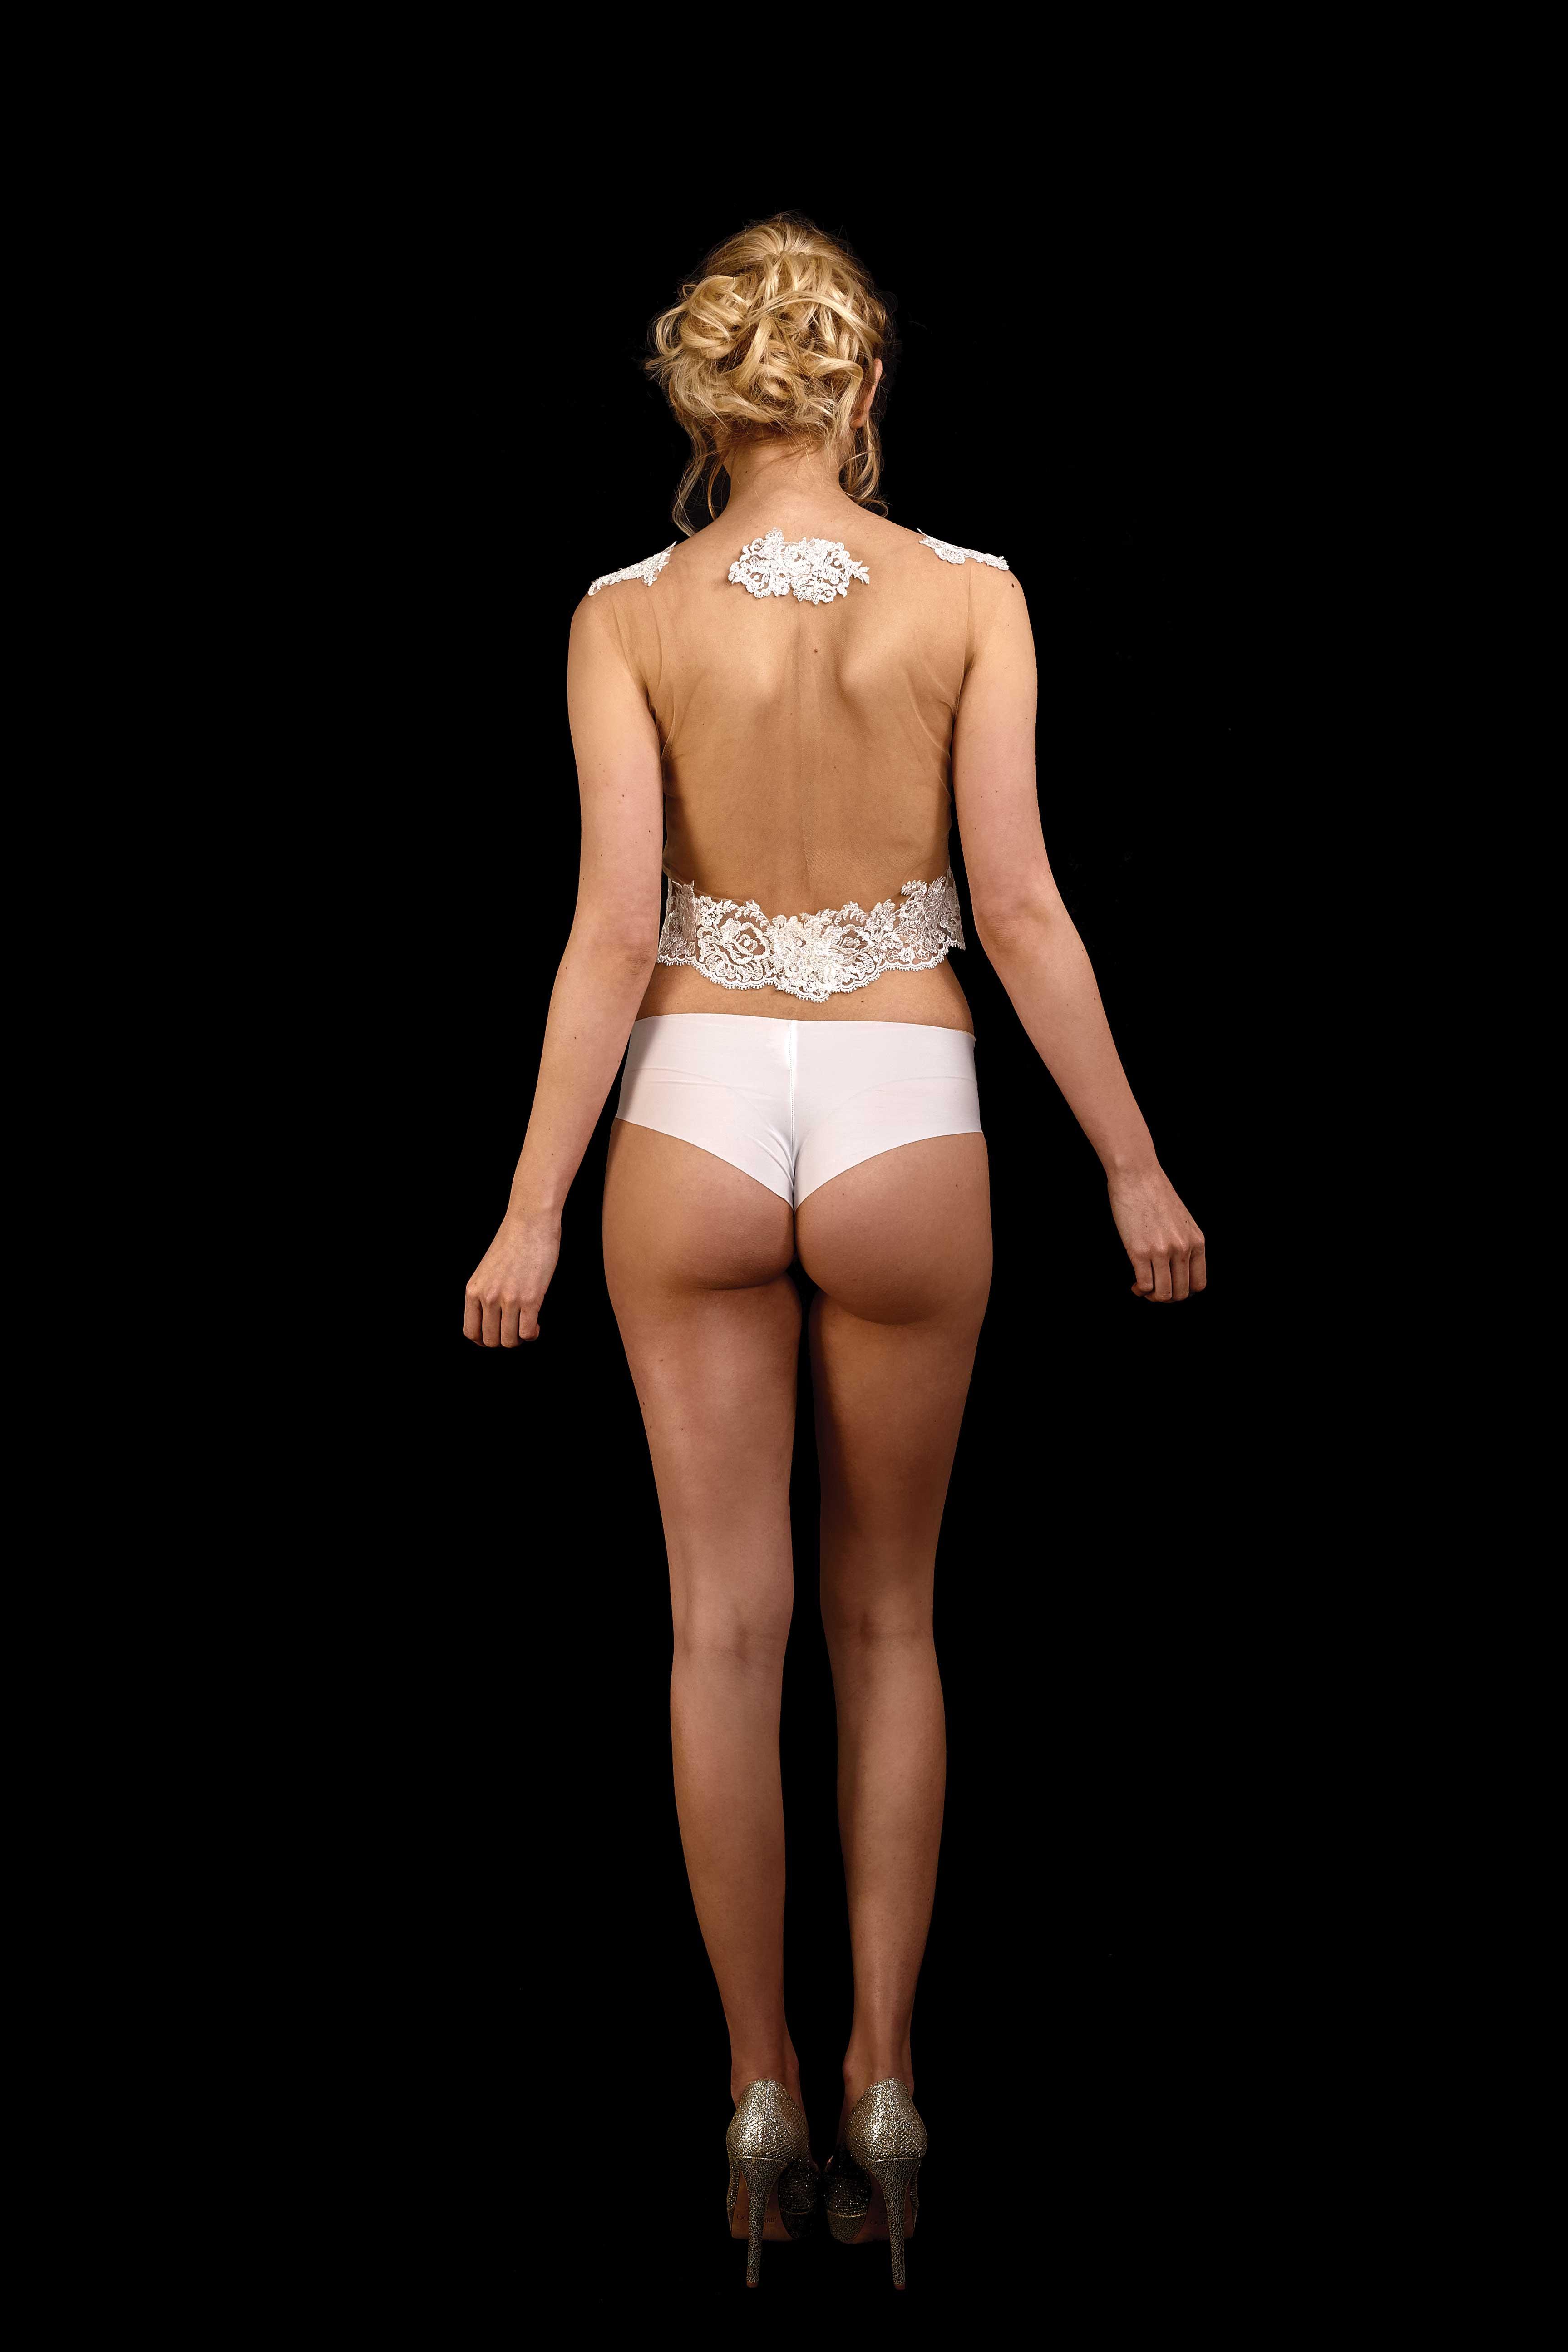 Rückenansicht transparentes Crop Top Nox in ivory aus hautfarbenem Tüll mit Spitze und Spitzenborte am Saum in ivory